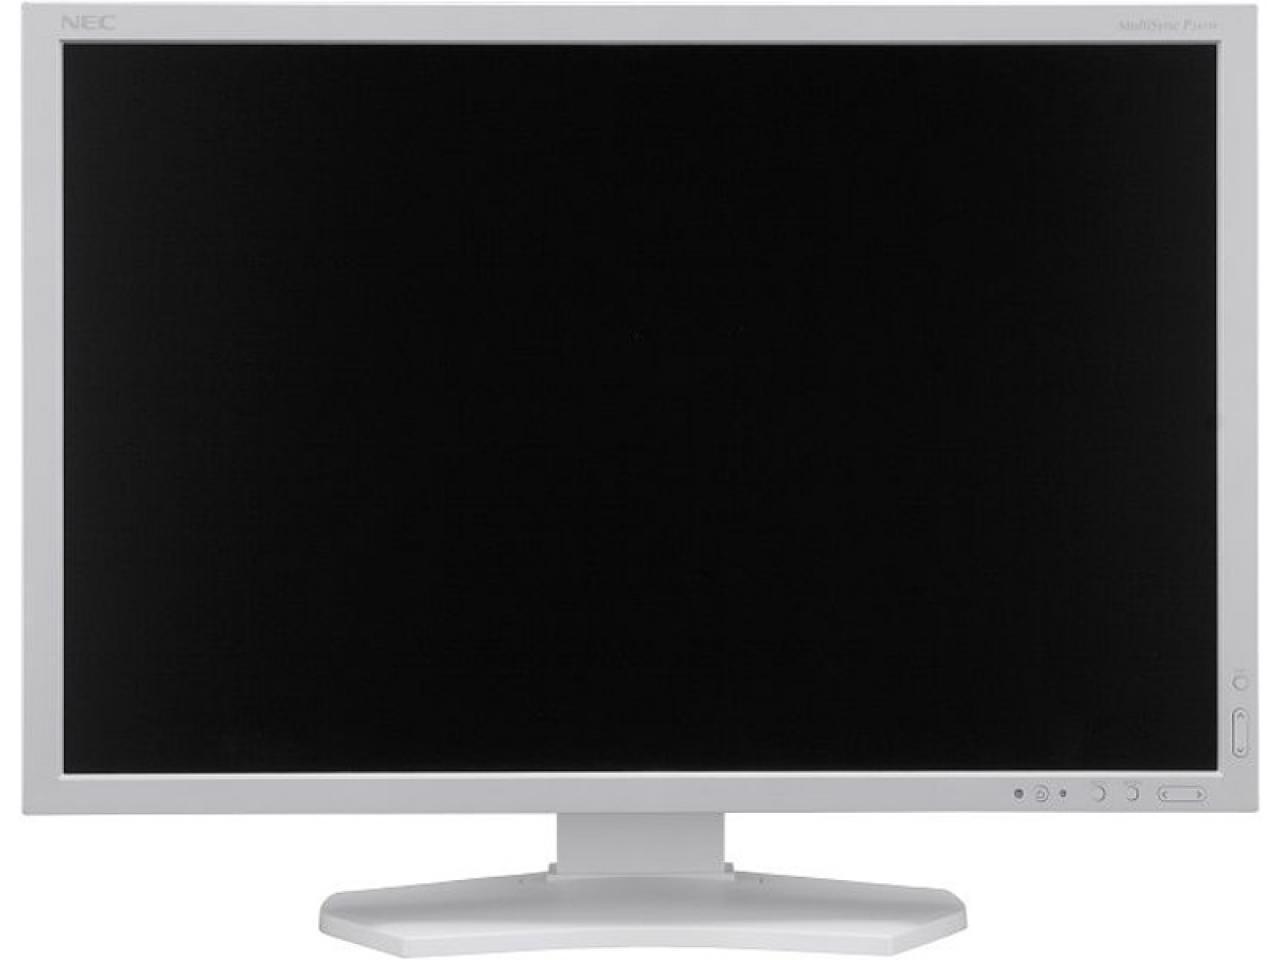 NEC MultiSync P241W   - shop.bb-net.de